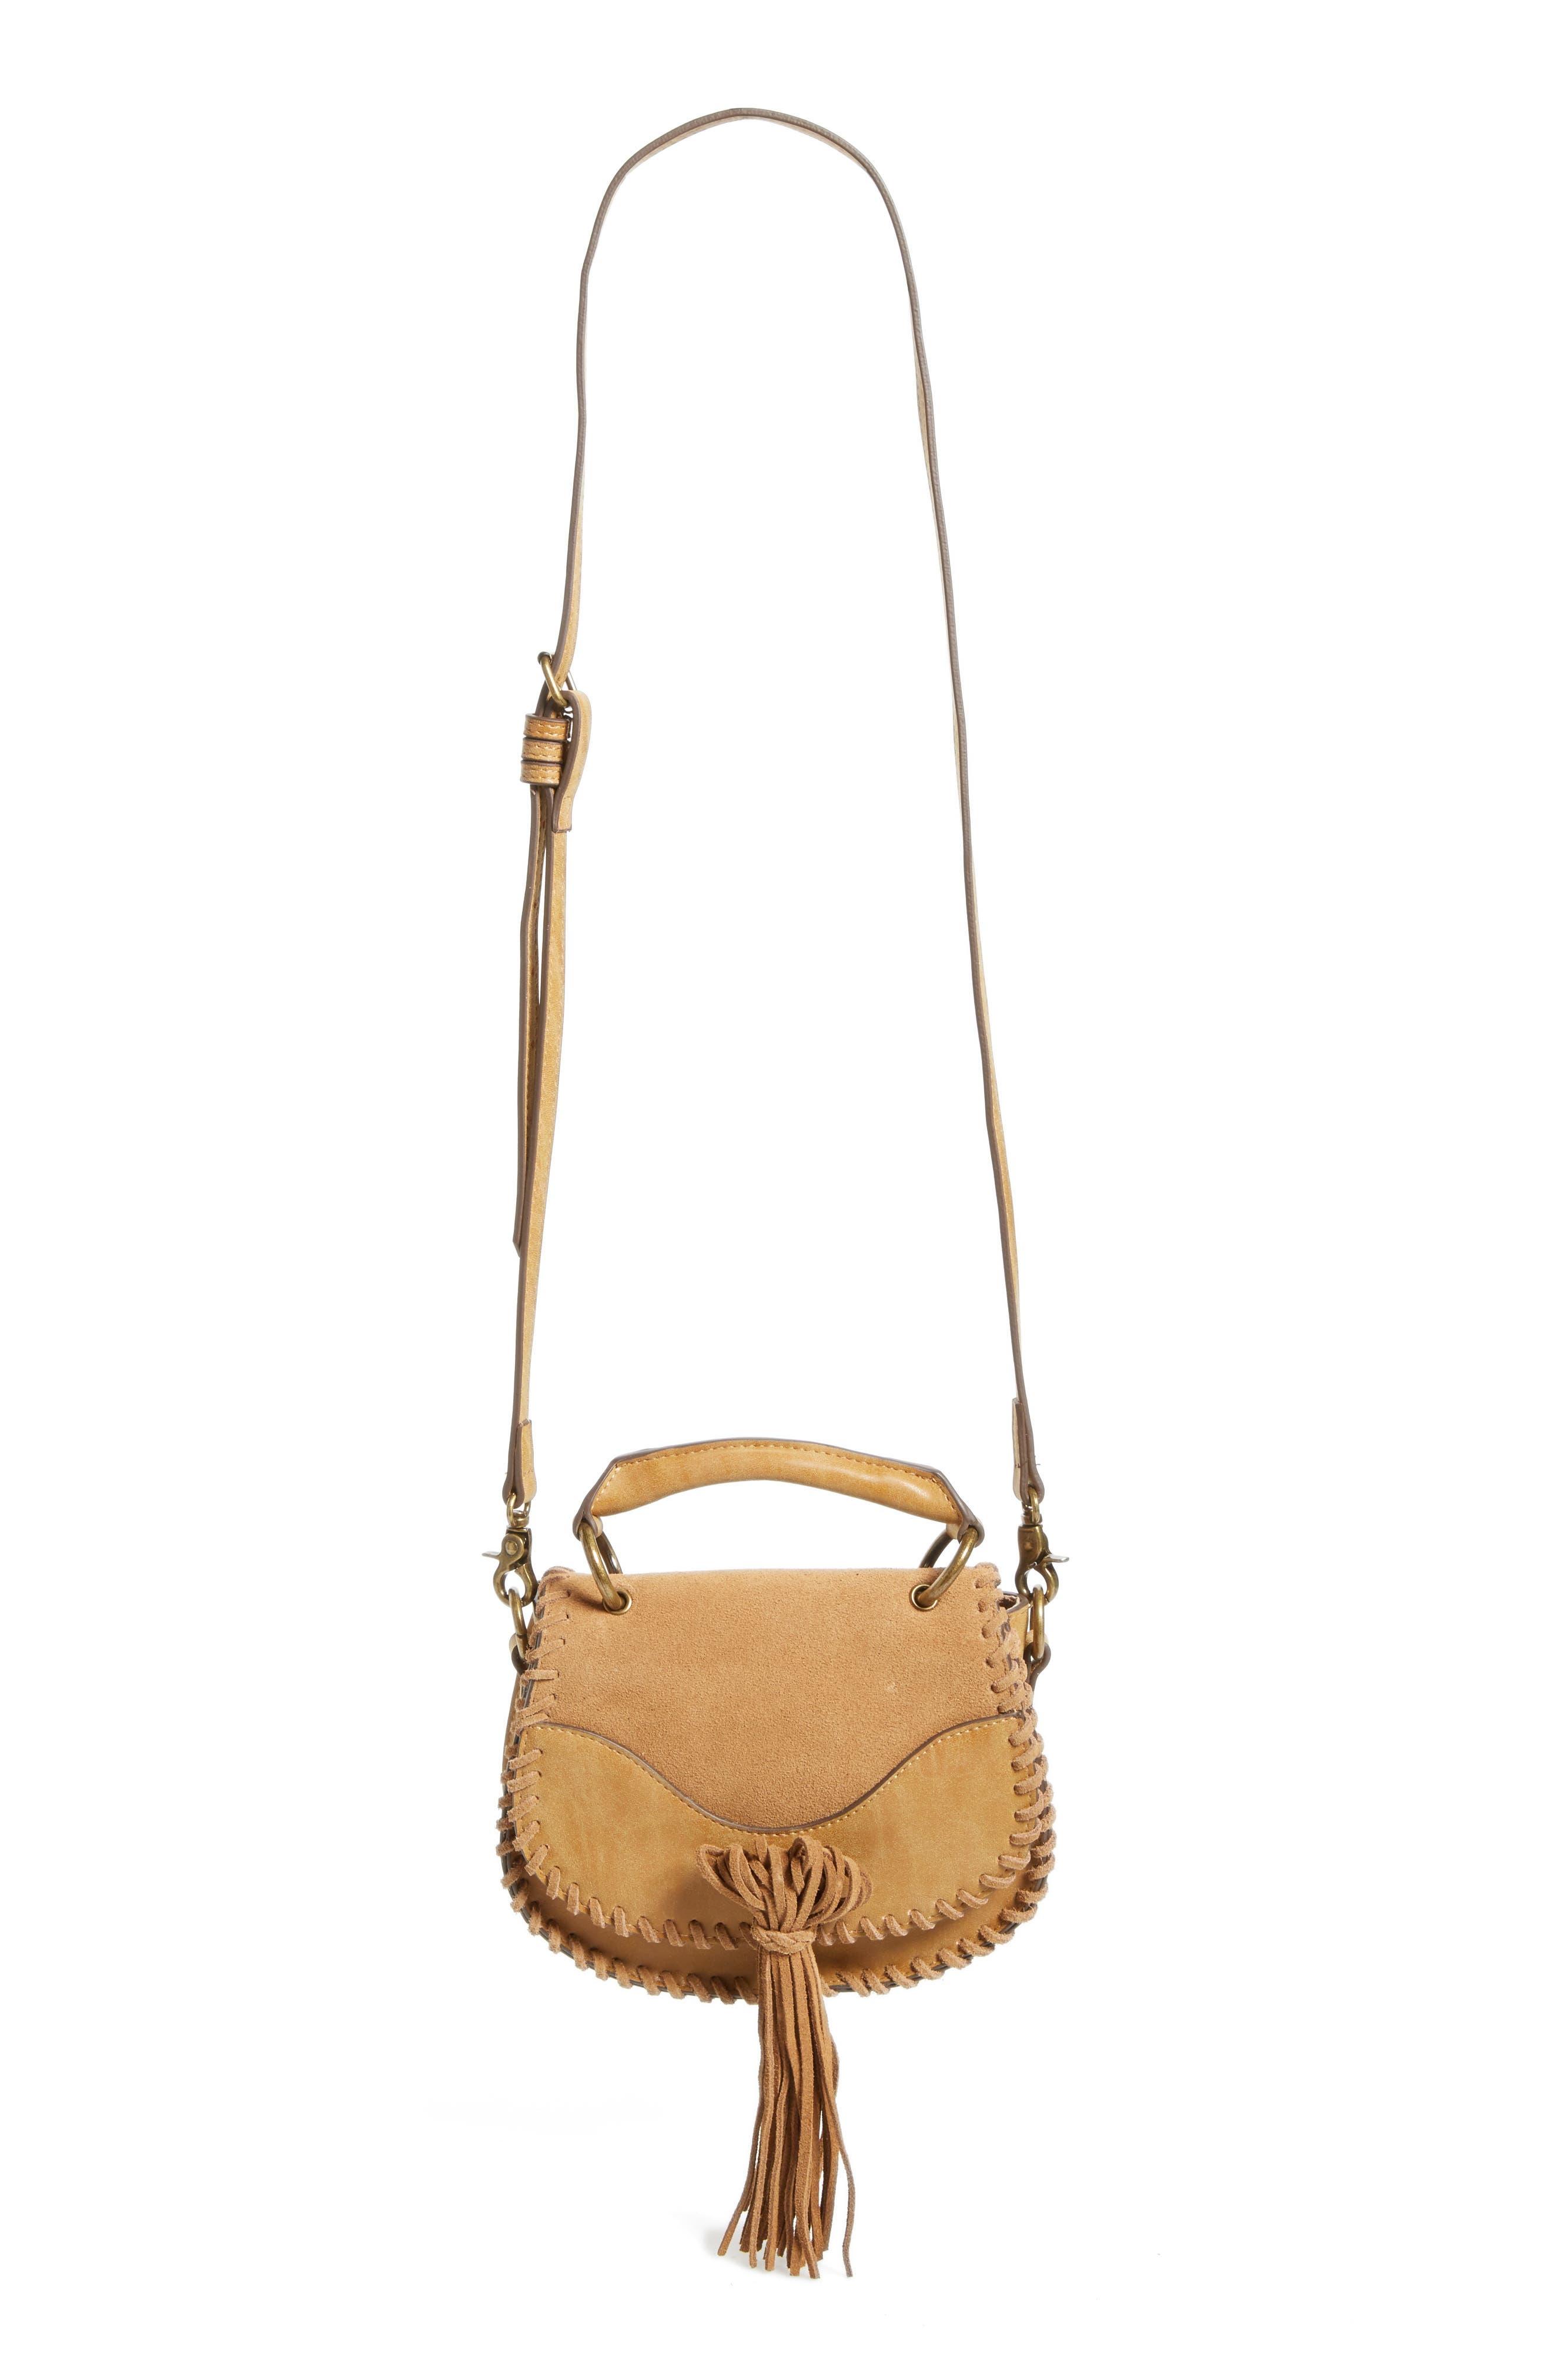 Alternate Image 1 Selected - Elle & Jae Gypset Mini Madrid Faux Leather Top Handle Saddle Bag